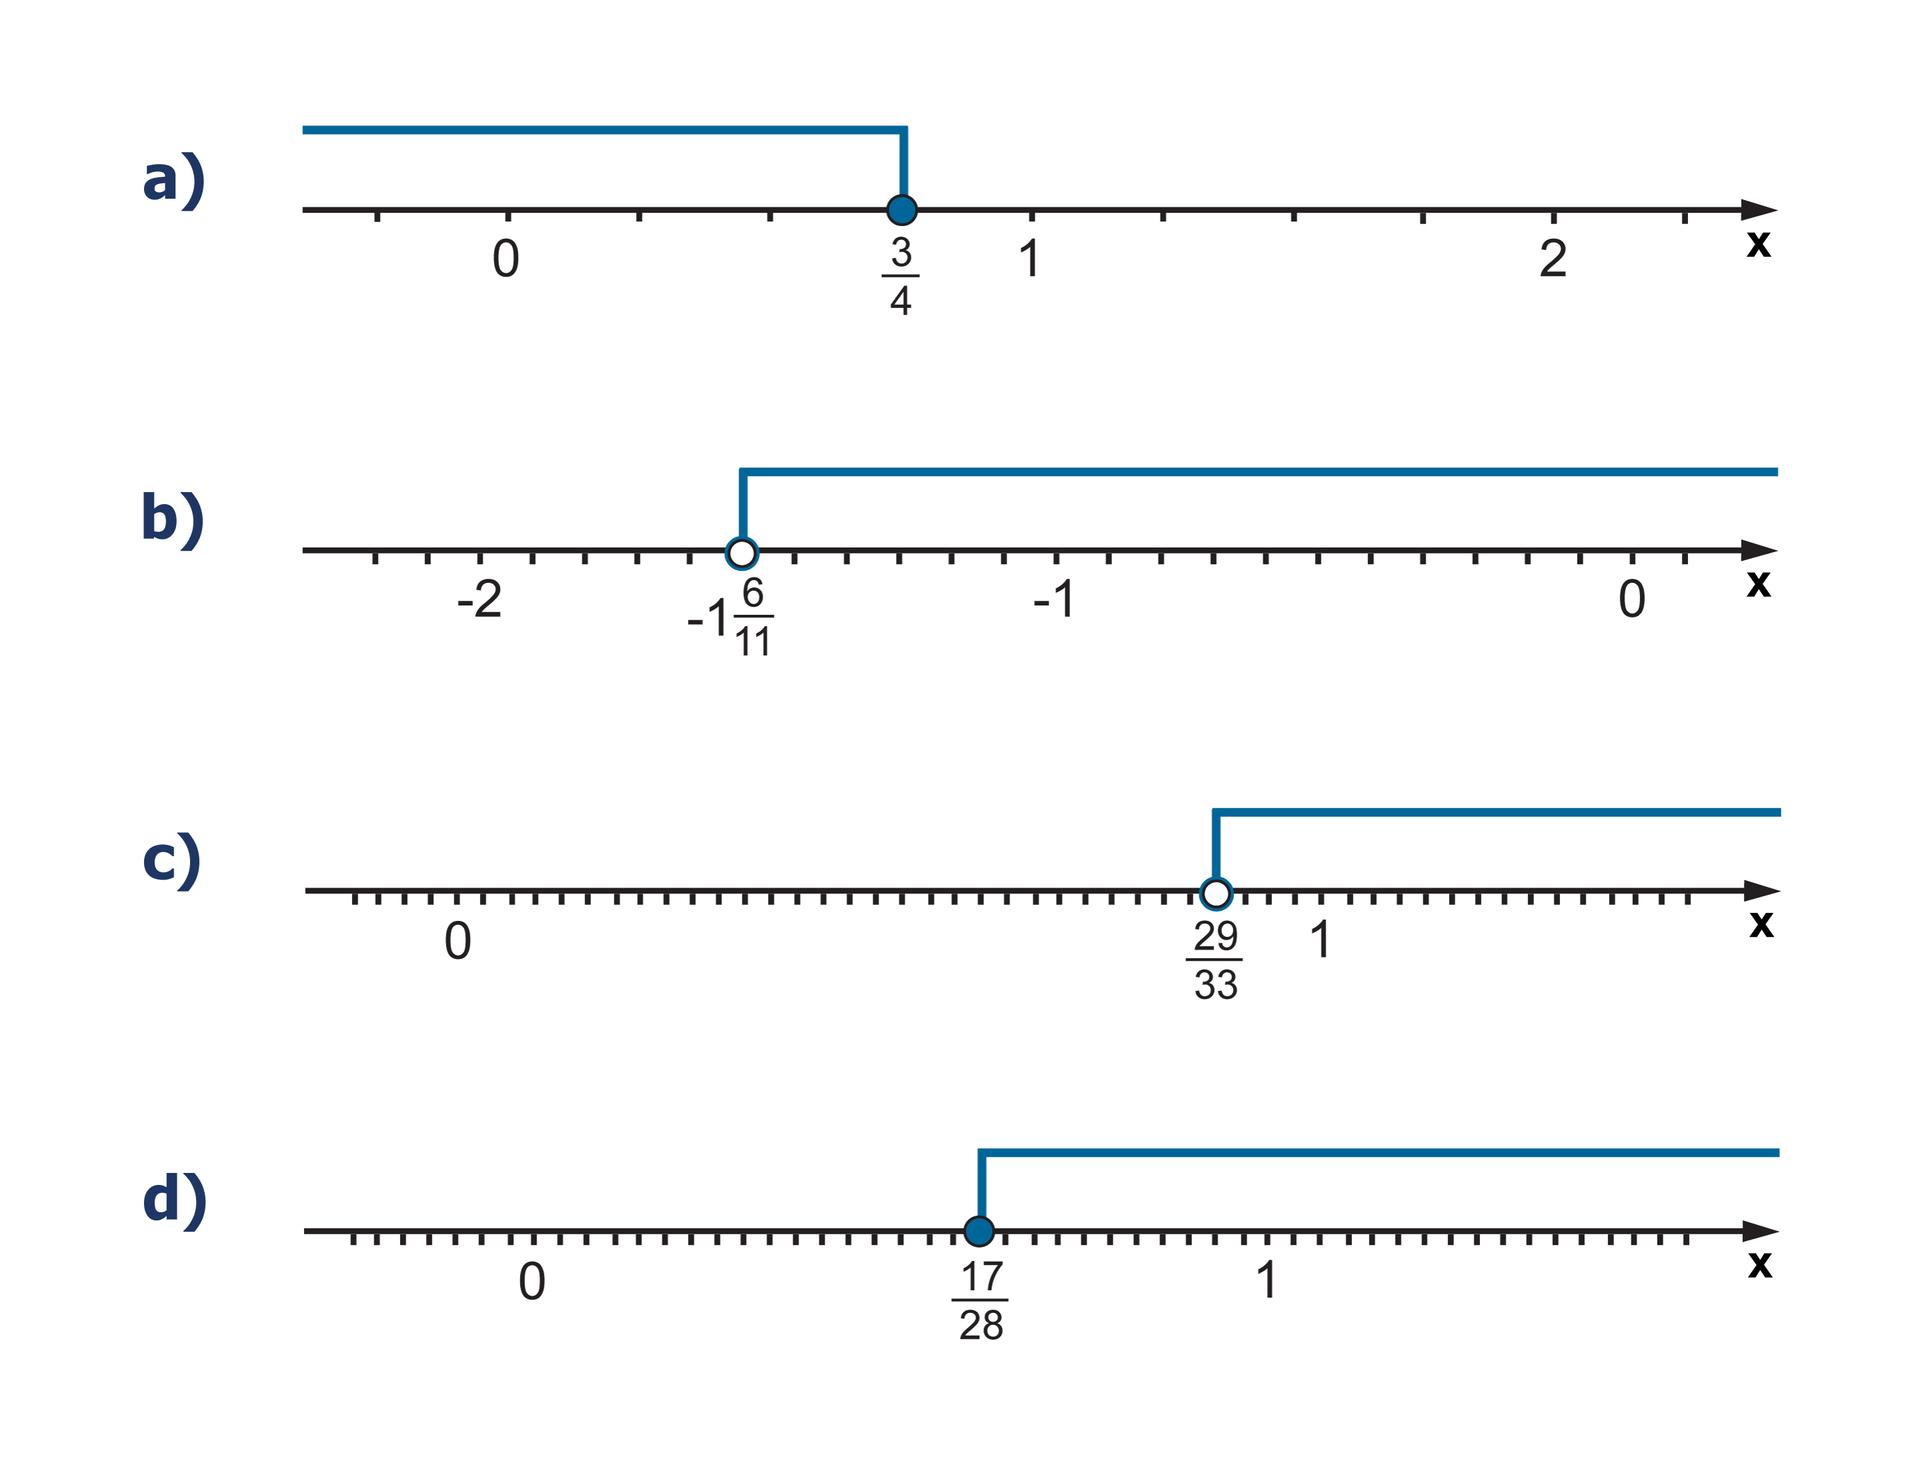 Rysunki osi liczbowych, które są rozwiązaniem zadania. Na pierwszej osi zaznaczone wszystkie liczby mniejsze lub równe trzy czwarte. Na drugiej osi zaznaczone wszystkie liczby większe od minus jeden isześć jedenastych. Na trzeciej osi zaznaczone wszystkie liczby większe od dwudziestu dziewięciu trzydziestych trzecich. Na czwartej osi zaznaczone wszystkie liczby większe lub równe siedemnaście dwudziestych ósmych.